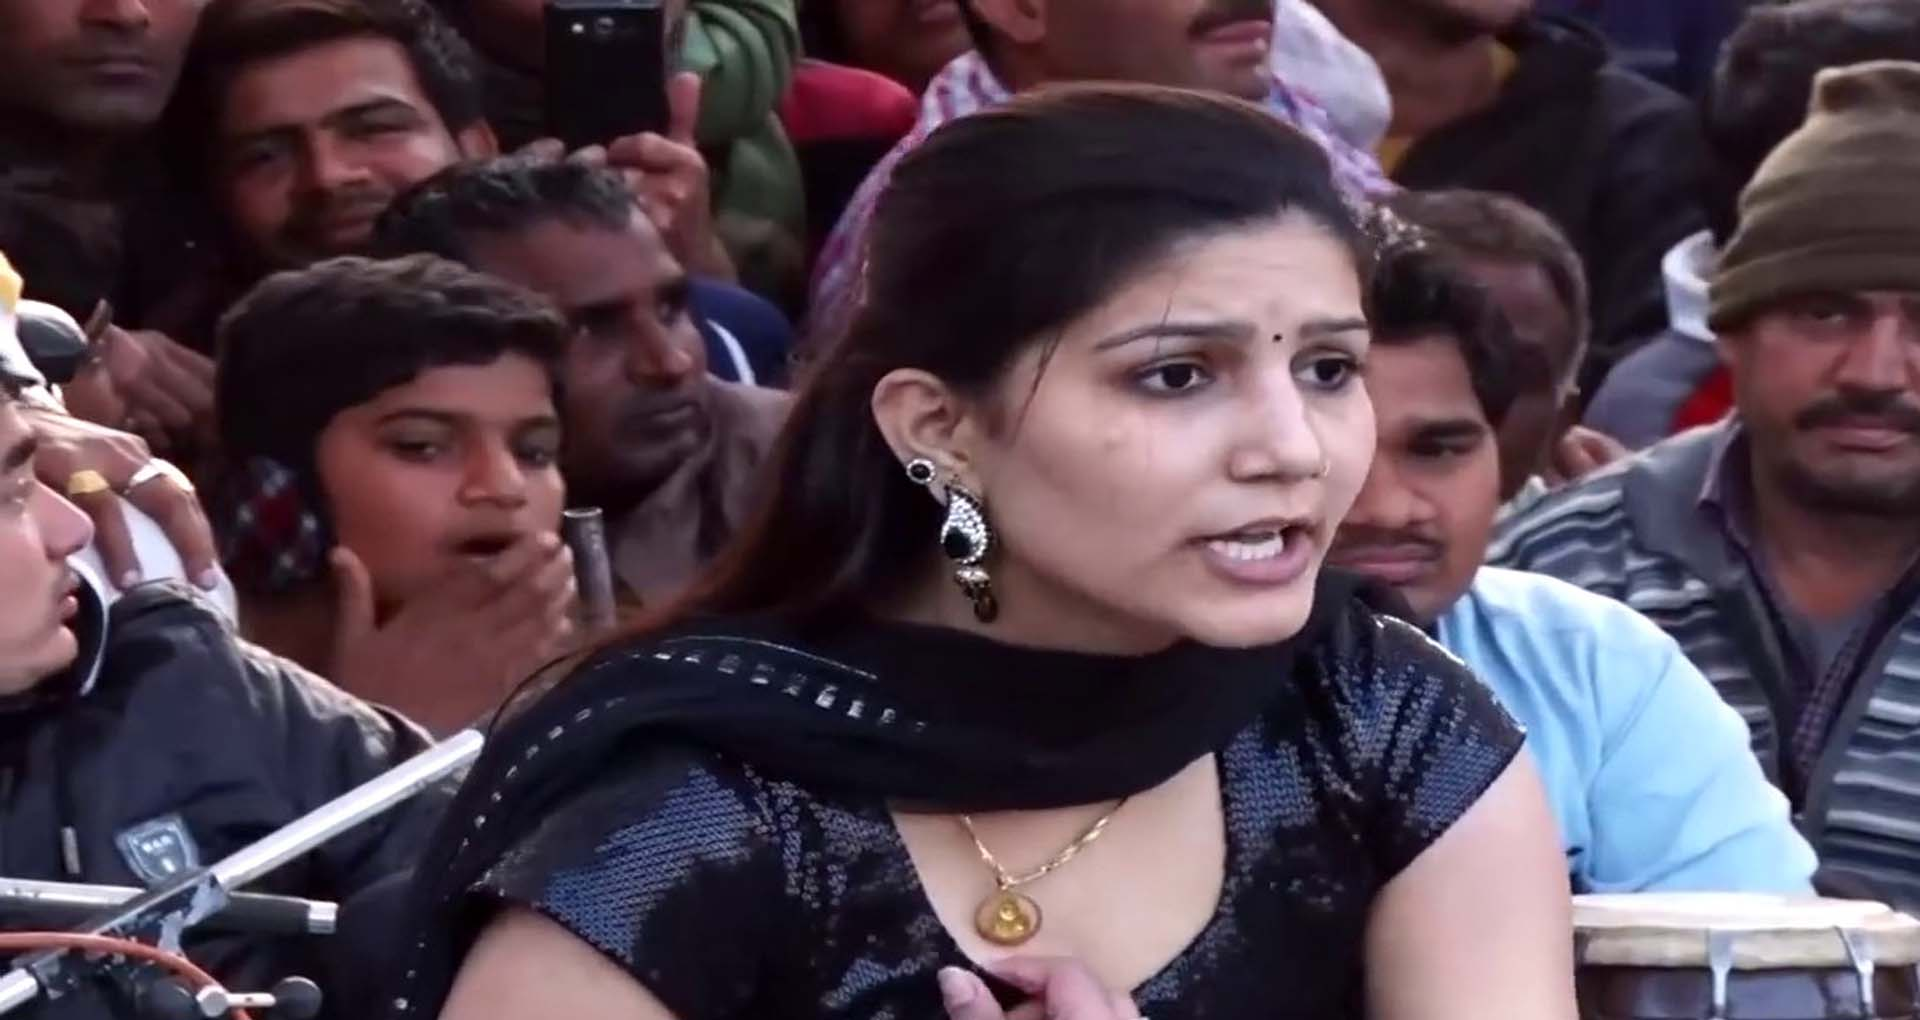 Sapna Choudhary Song: सपना चौधरी ने देसी अंदाज से उड़ाया फैंस का होश! बार-बार देखा जा रहा Video